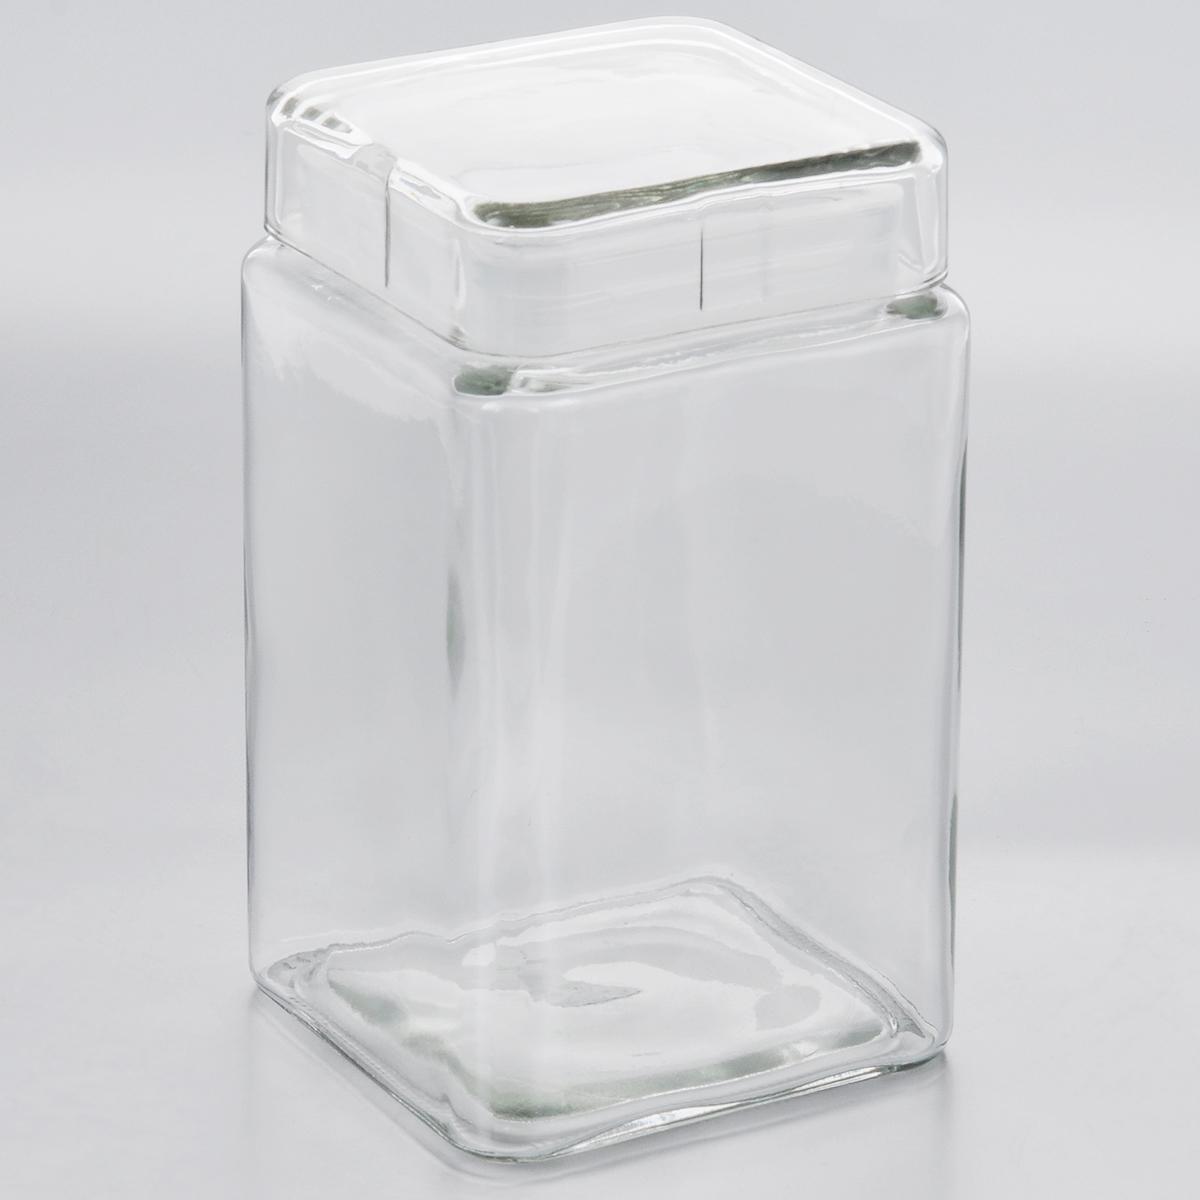 Емкость для хранения Esprado Cristella, 1680 млC041601E405Емкость для хранения Esprado Cristella изготовлена из качественного прозрачного стекла, отполированного до идеального блеска и гладкости. Изделие имеет квадратную форму. Стекло термостойкое, что позволяет использовать емкость Esprado при различных температурах (от -15°С до +100°С). Это делает ее функциональным и универсальным кухонным аксессуаром. Емкость очень вместительна, поэтому прекрасно подходит для хранения круп, макарон, кофе, орехов, специй и других сыпучих продуктов. Крышка плотно закрывается и легко открывается благодаря силиконовой прослойке. Это обеспечивает герметичность и дольше сохраняет продукты свежими. Благодаря различным дизайнерским решениям такая емкость дополнит и украсит интерьер любой кухни. Емкости для хранения из коллекции Cristella разработаны на основе эргономичных дизайнерских решений, которые позволяют максимально эффективно и рационально использовать кухонные поверхности. Благодаря универсальному внешнему виду, они будут привлекательно...